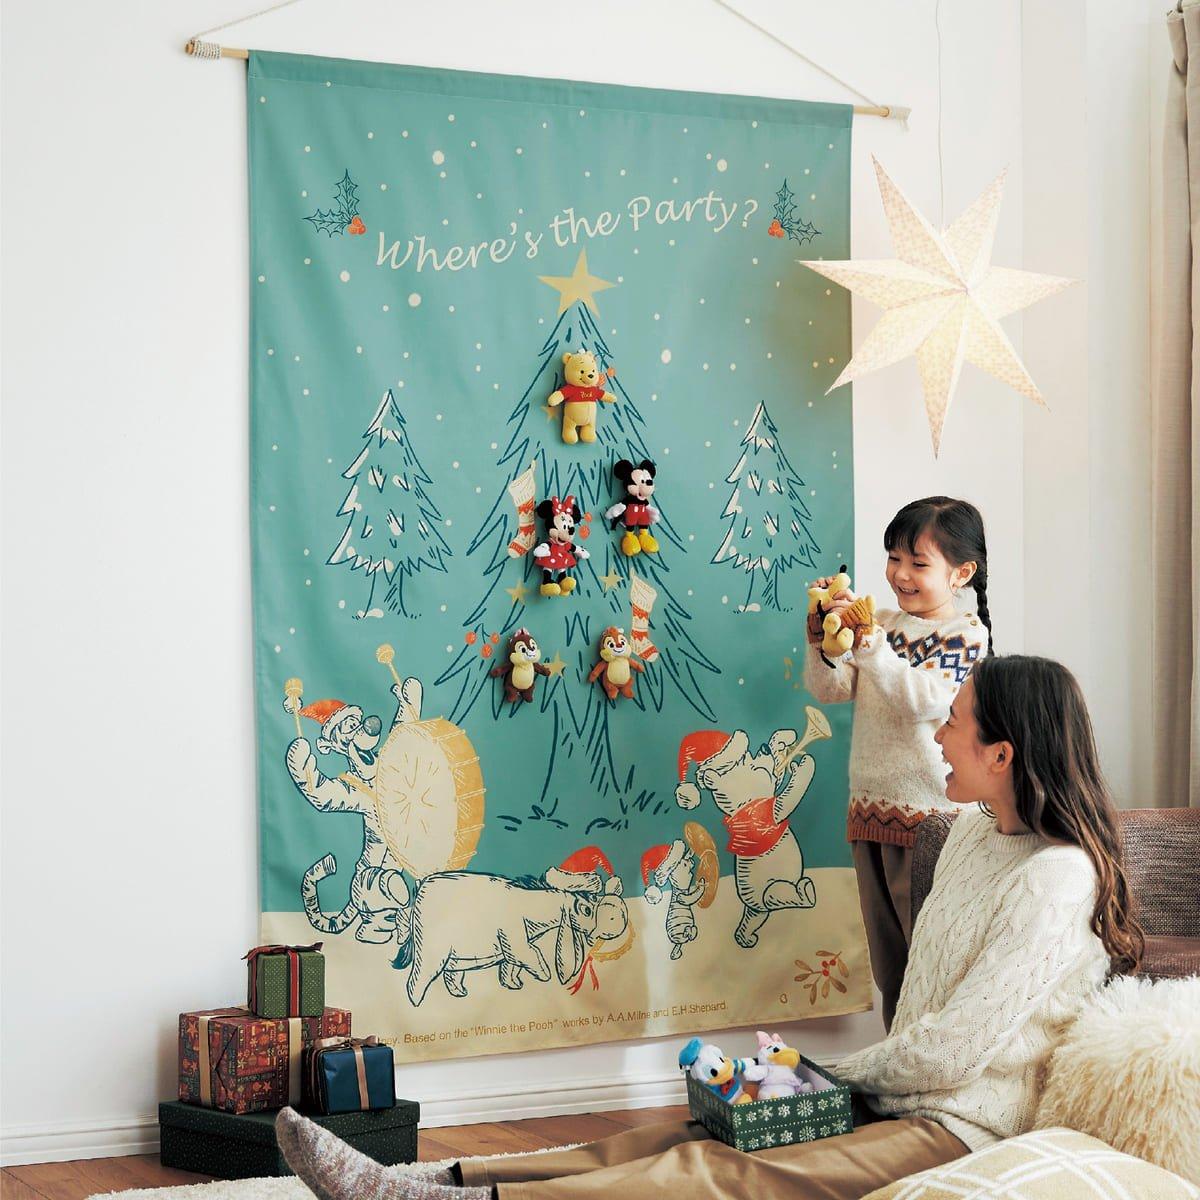 ぬいぐるみをつけても可愛い!クリスマスタペストリー